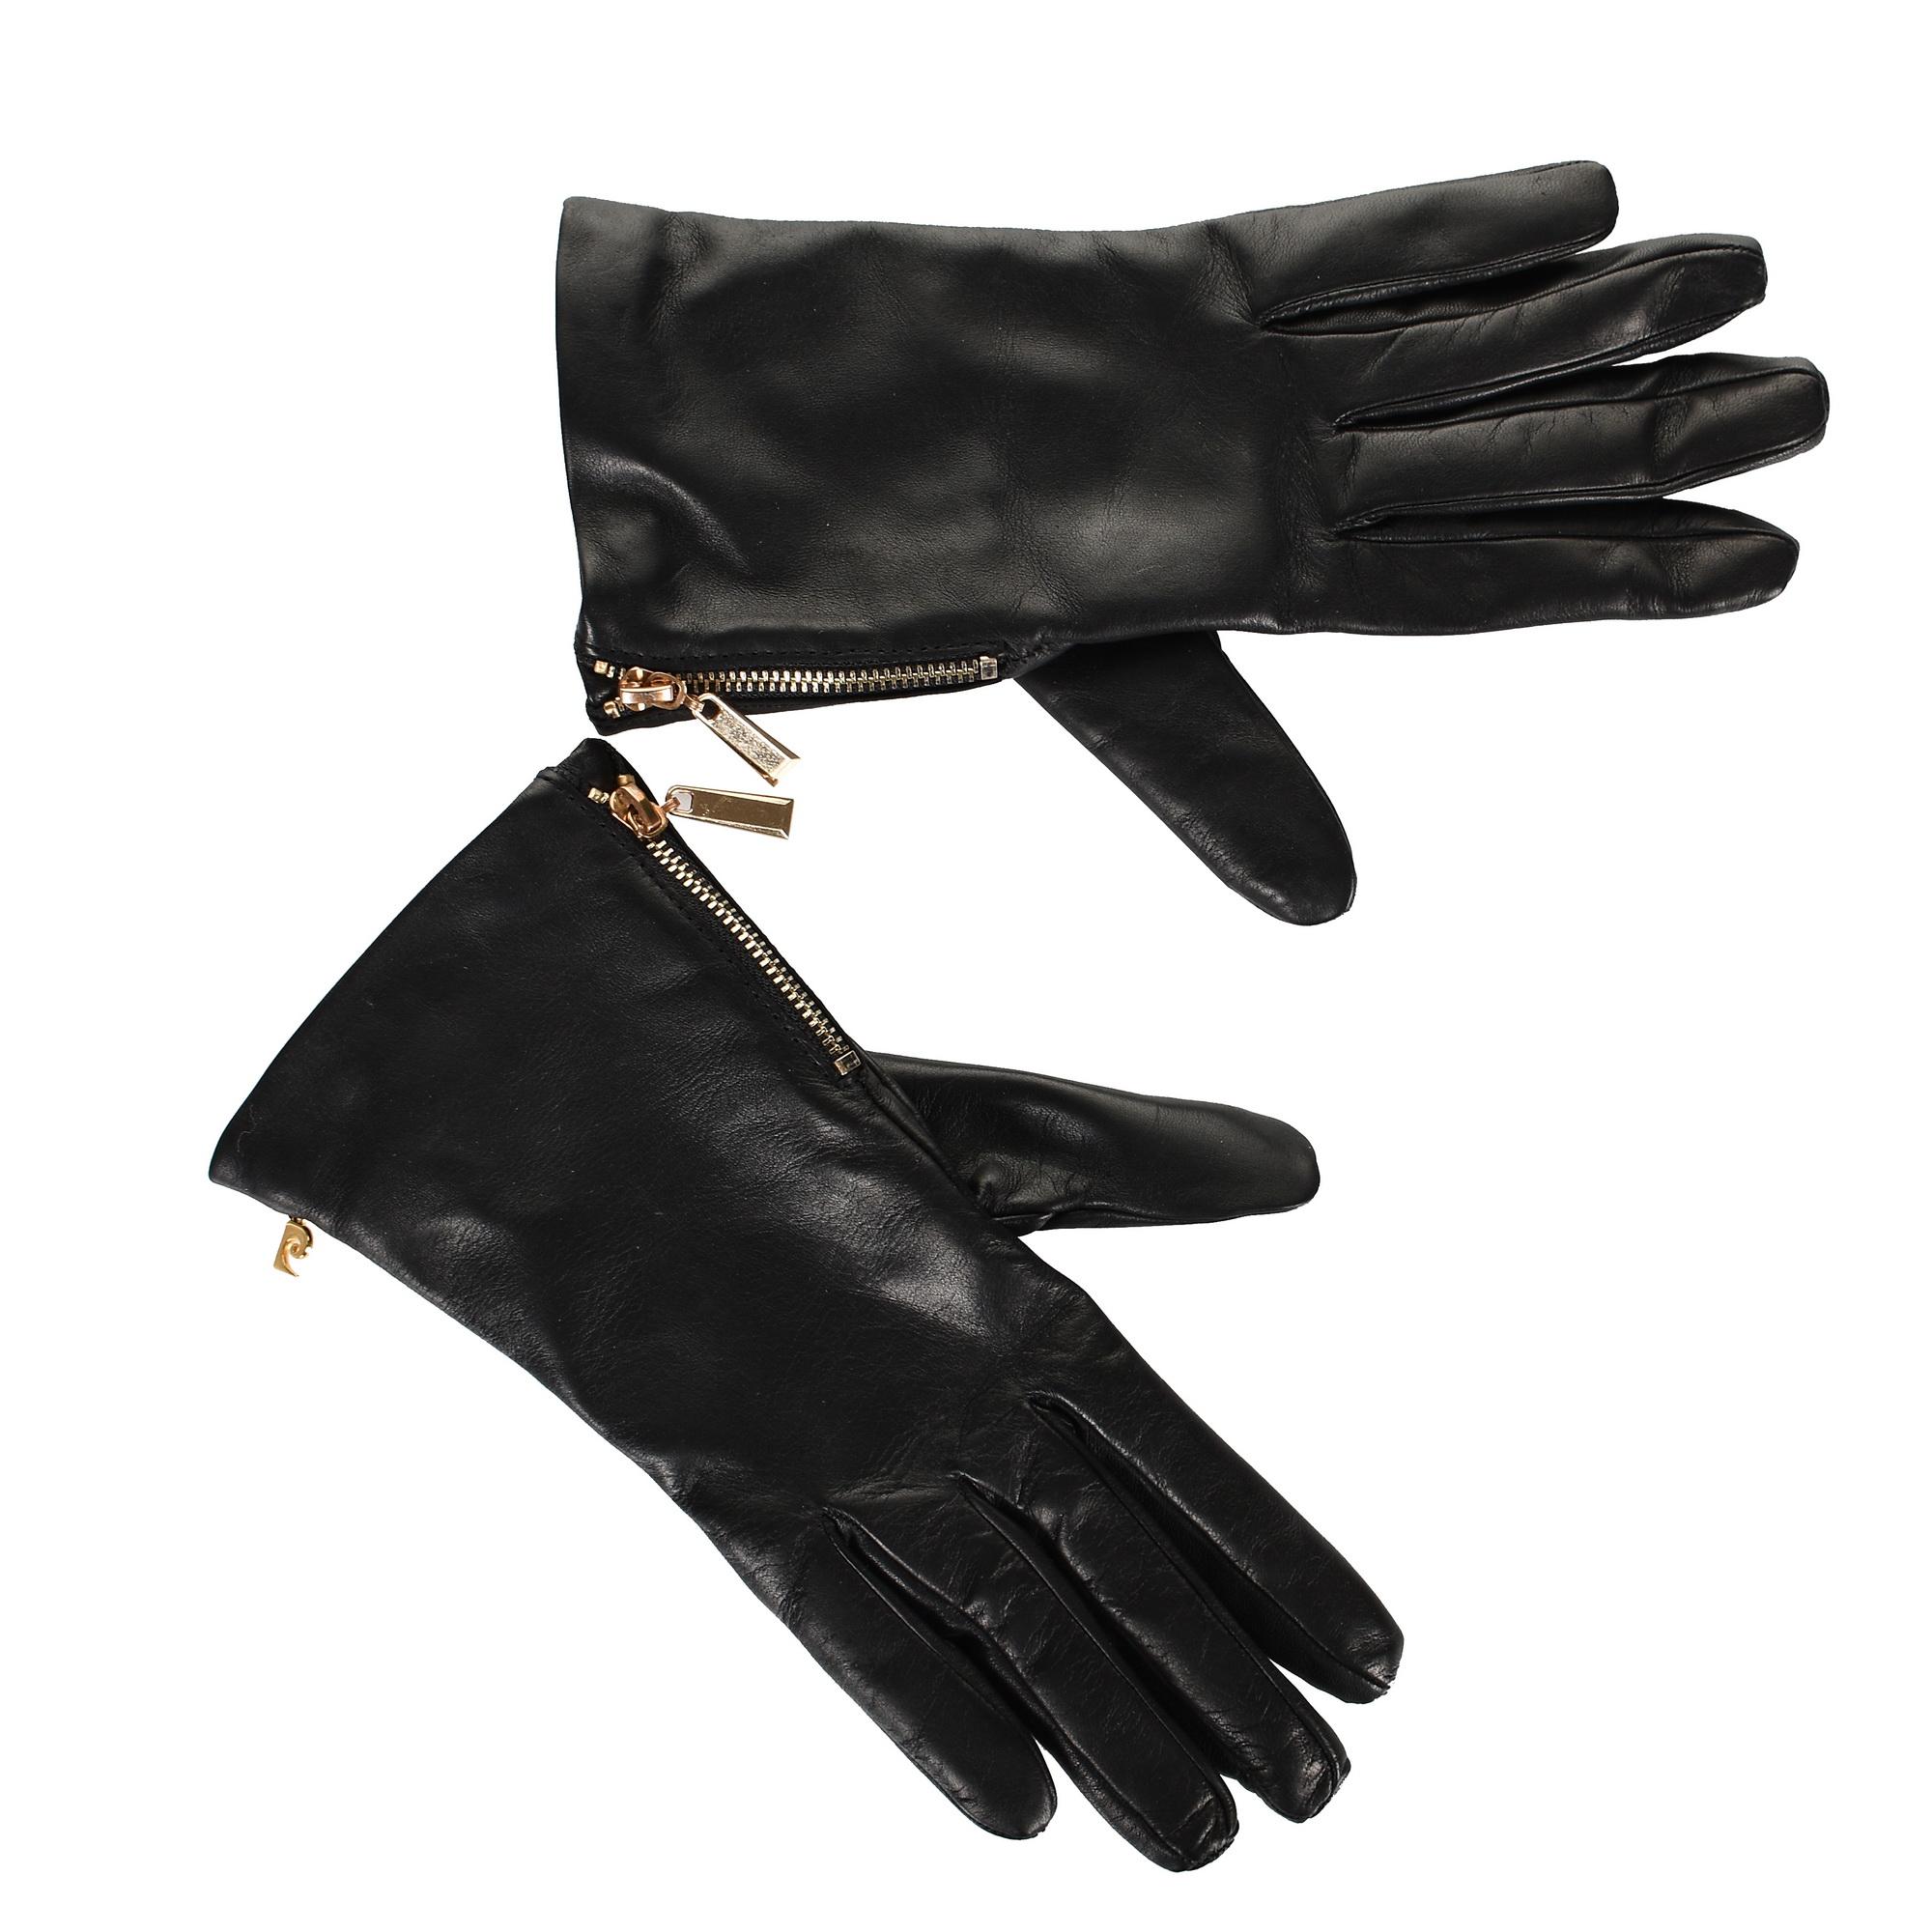 Δερμάτινα Γάντια Pierre Cardin PC.G296 γυναικα   γυναικείο γάντι